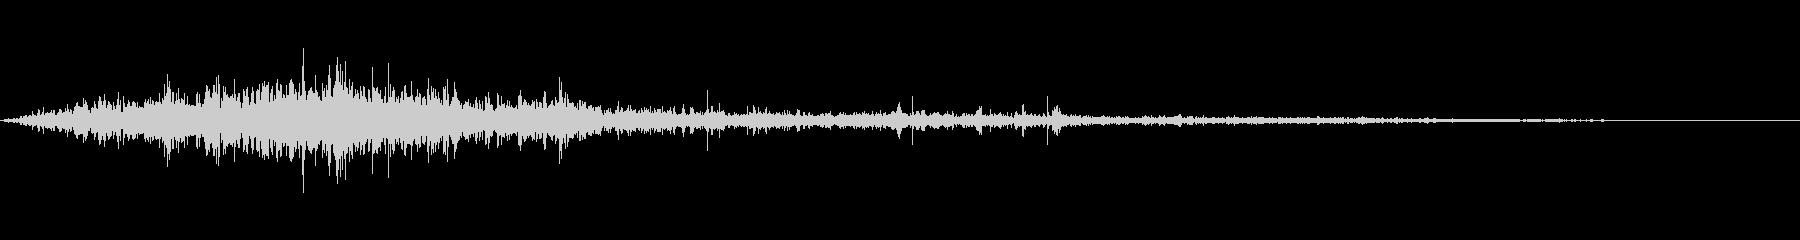 ダウンヒルスキーヤースキーの未再生の波形